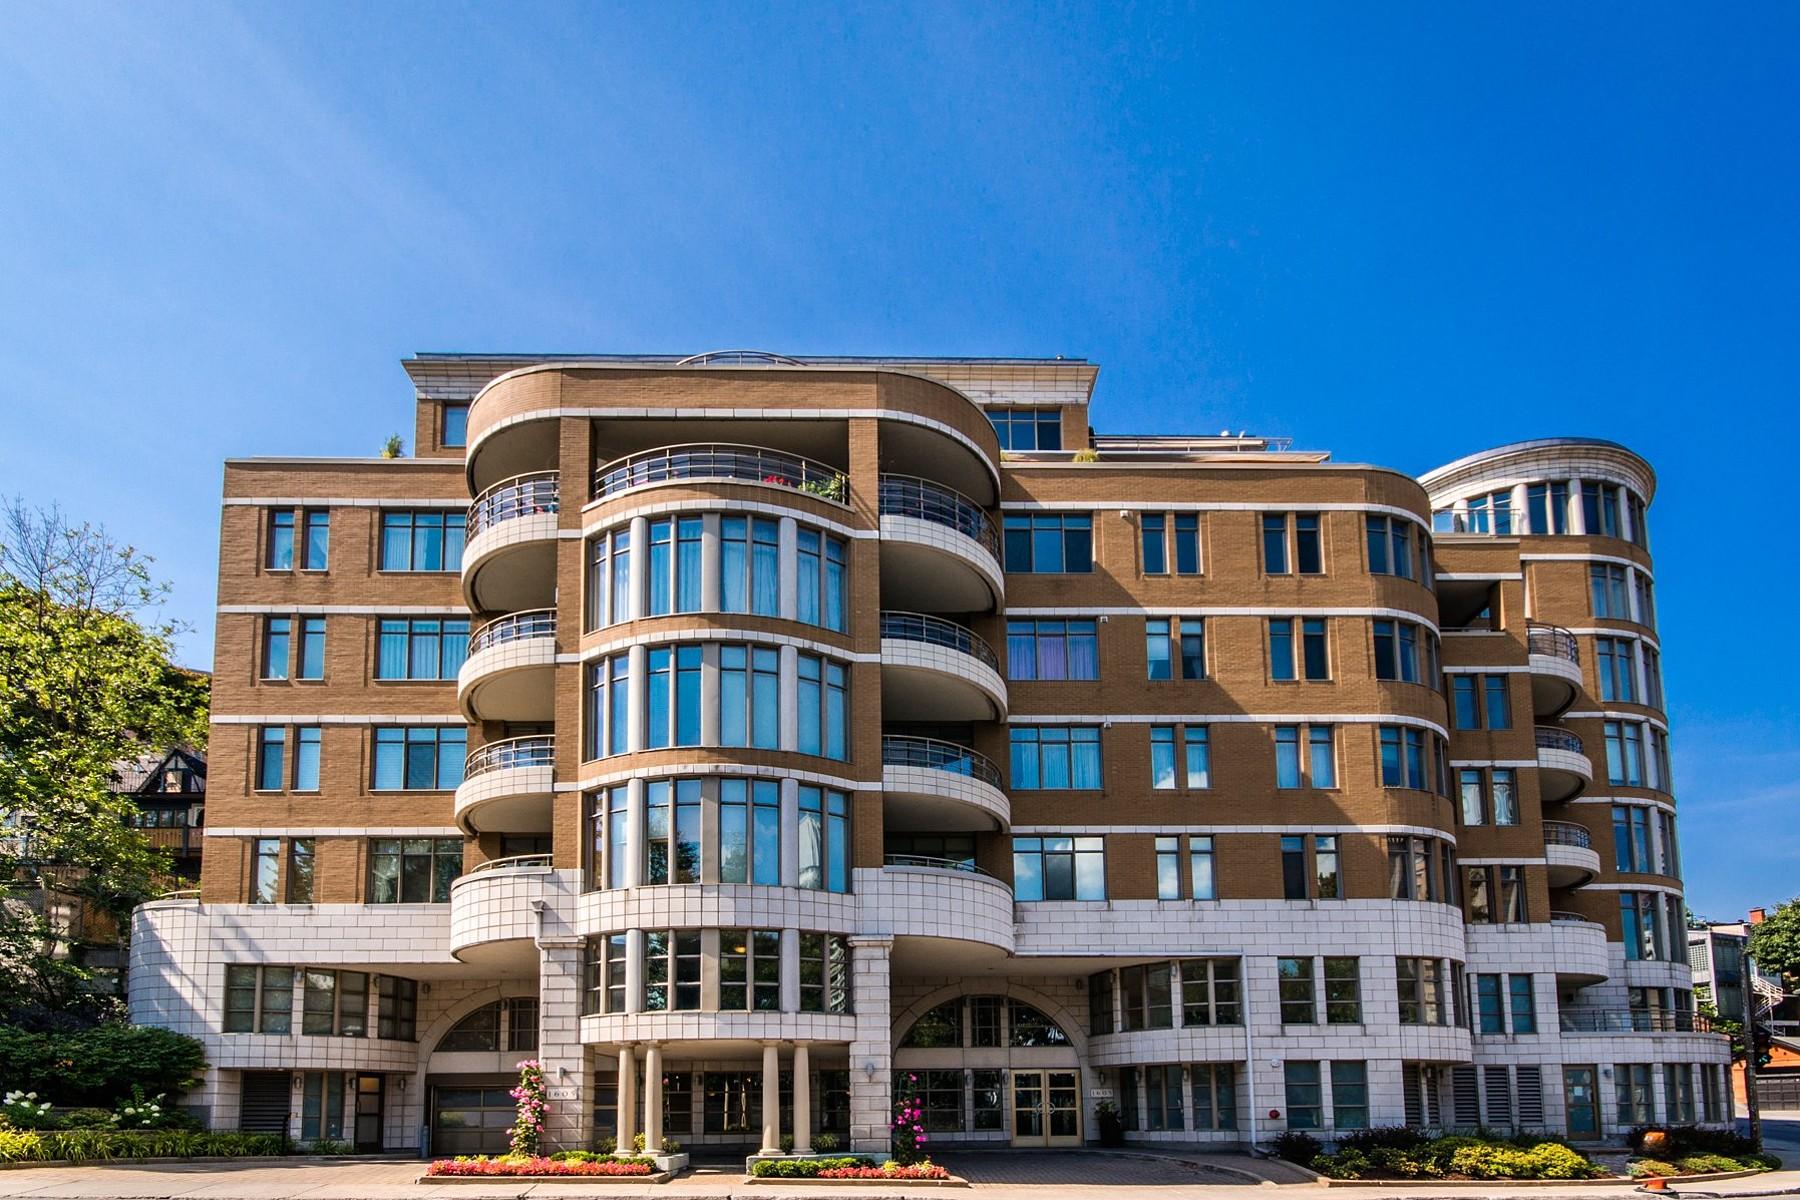 Condomínio para Venda às Ville-Marie (Montréal), Montréal 1605 Av. du Docteur-Penfield, Apt. 201 Montreal, Quebec H3H1B2 Canadá